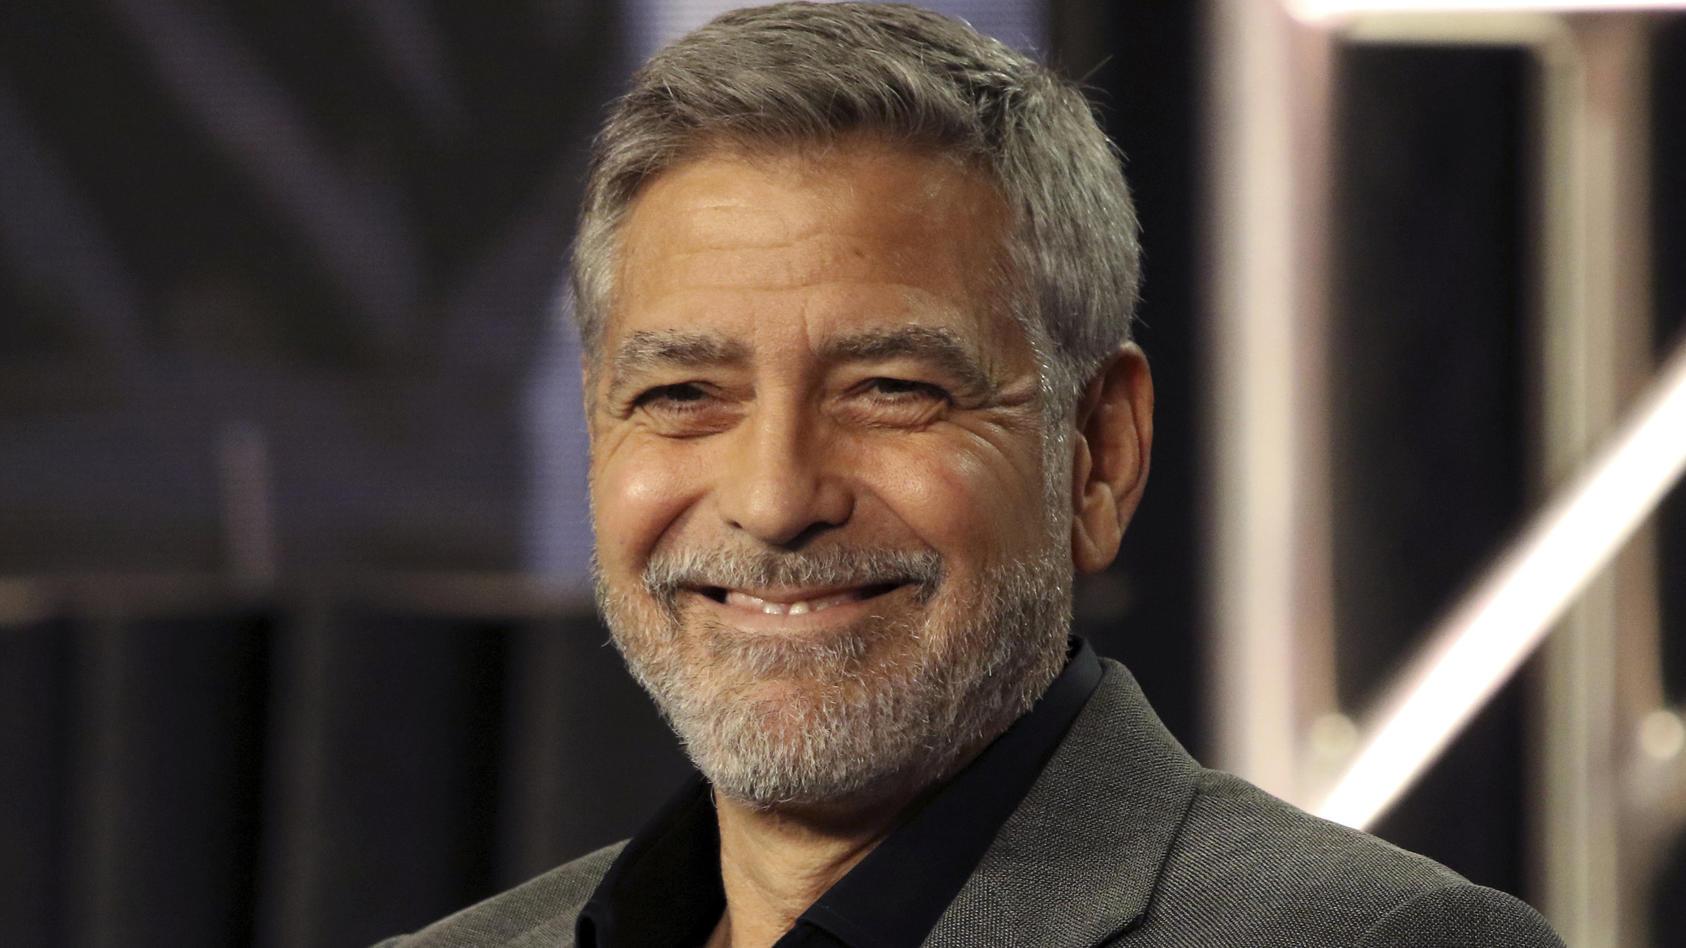 """Hollywoodstar George Clooney plaudert bei """"Jimmy Kimmel Live!"""" aus seinem ganz privaten Nähkastchen"""